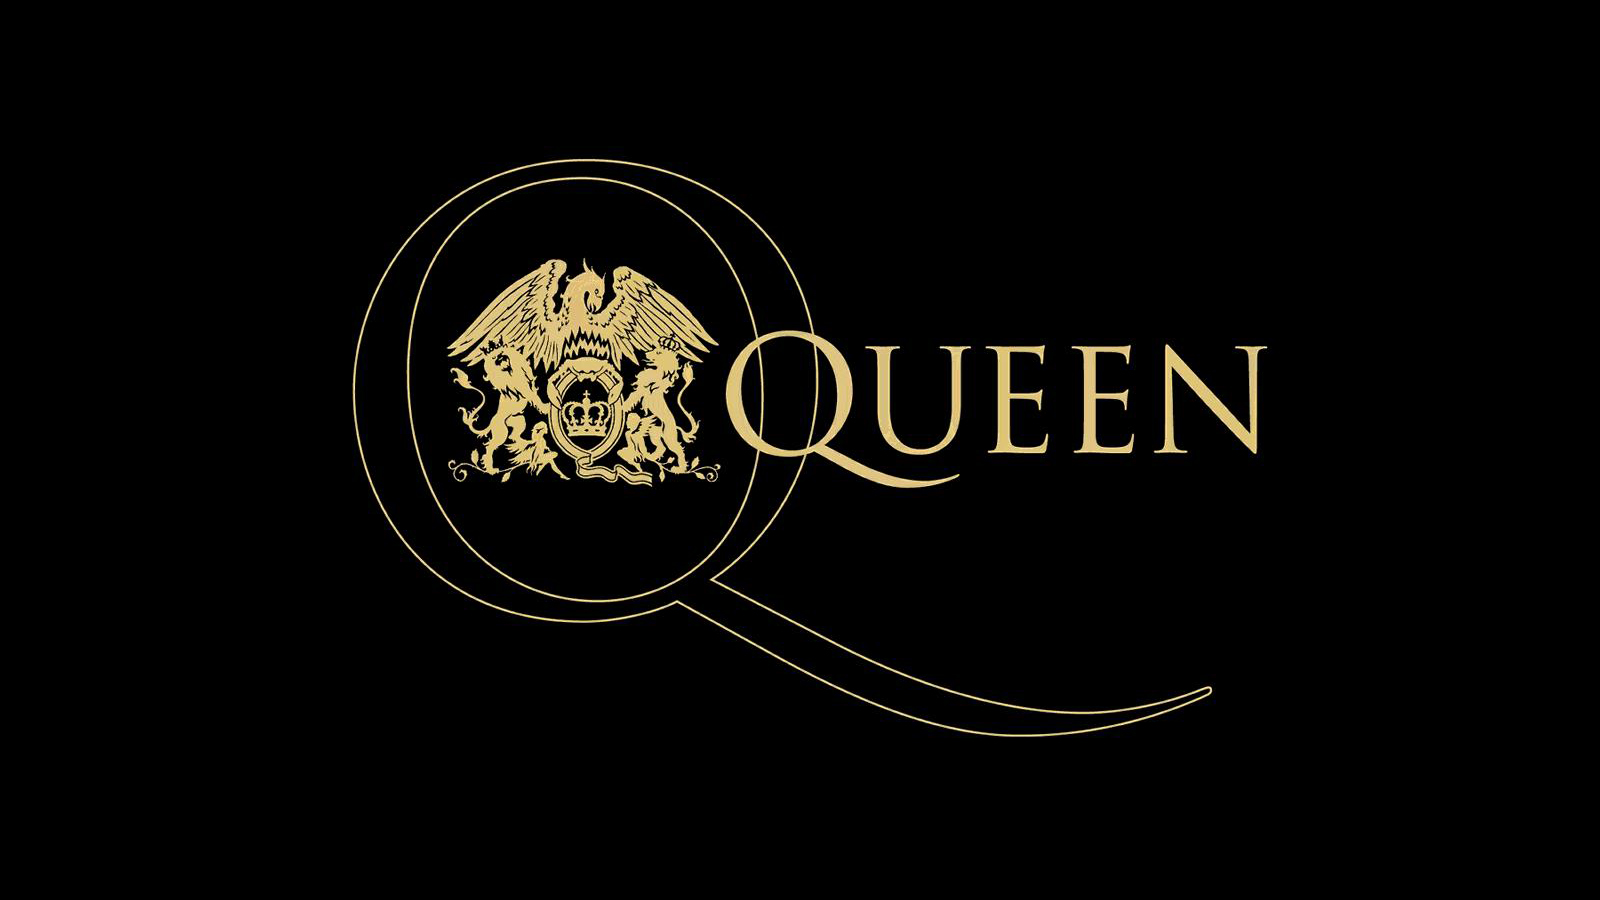 http://4.bp.blogspot.com/-xkjoc0DSGsM/UM4XLkAxmaI/AAAAAAAAUuE/VEMHeg-cz7g/s1600/Queen+Freddie+Mercury+Music+-+Wallpapers+Background+Desktop+-+Fondowallpaper.blogspot.com+%252849%2529.jpg